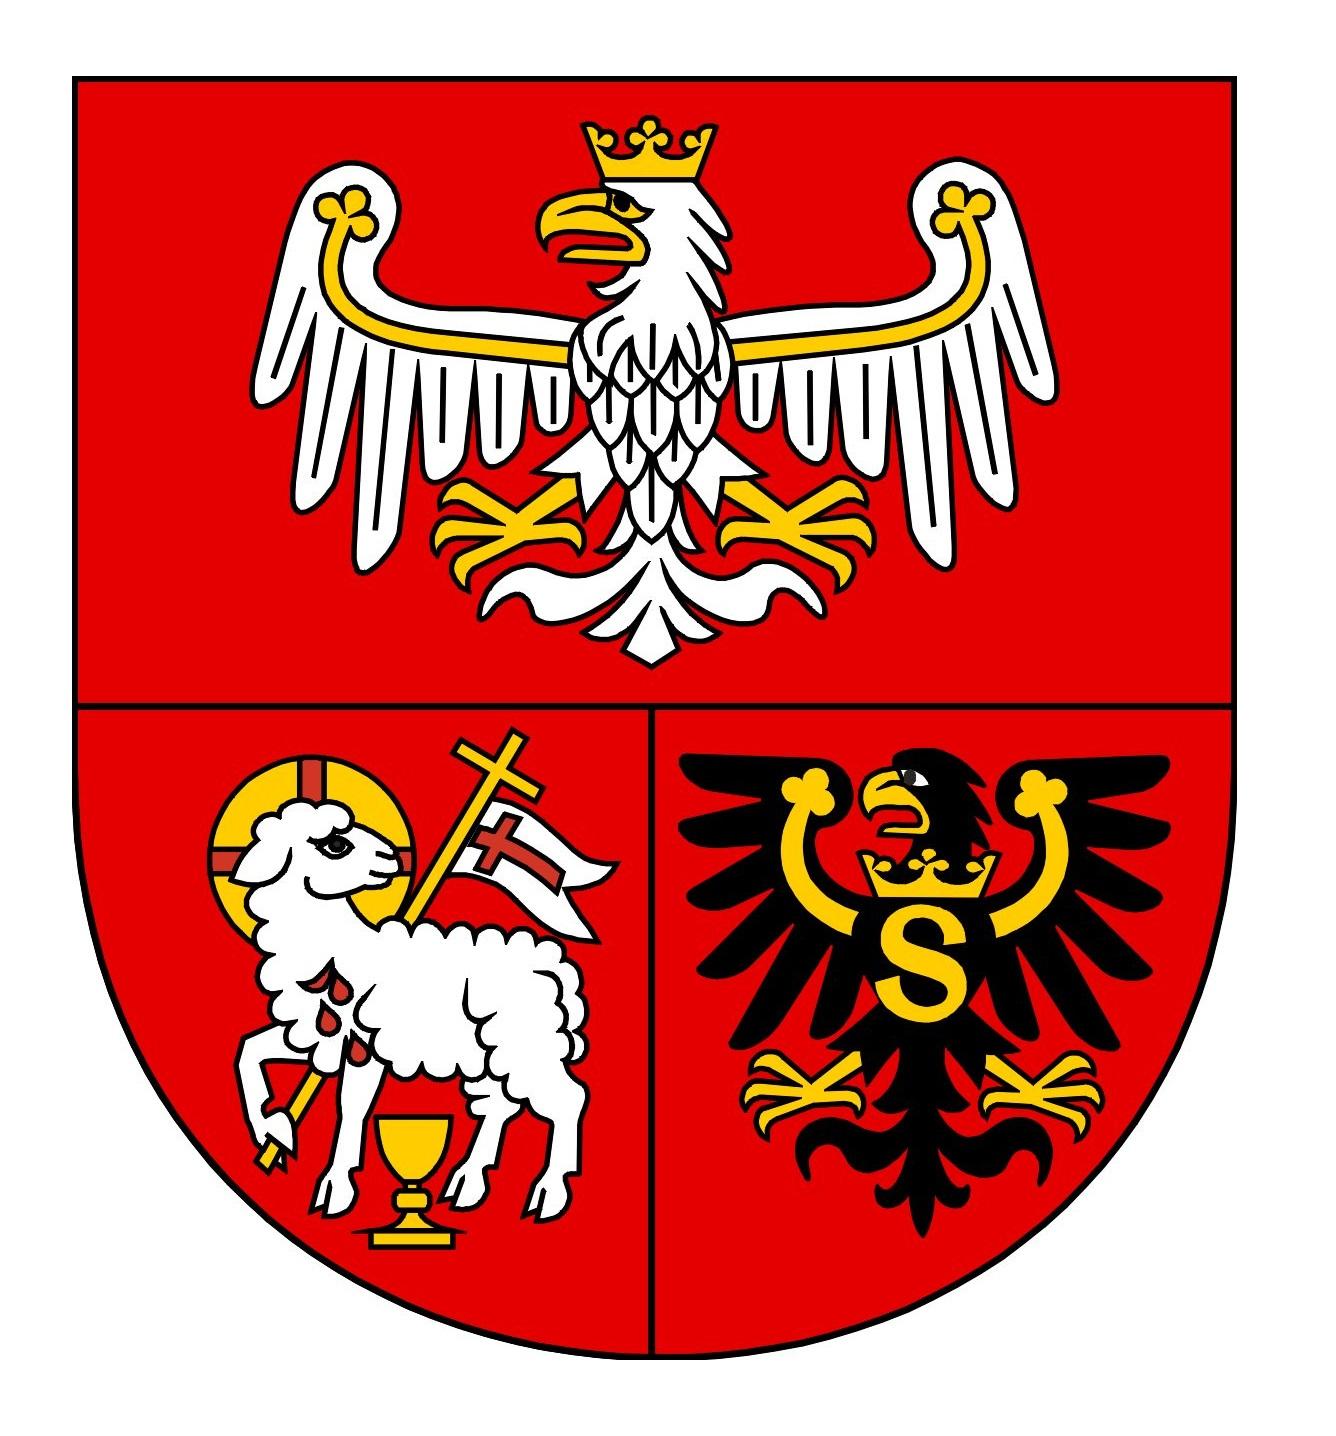 Patronat Honorowy Marszałek Województwa Warmińsko-Mazurskiego Gustaw Marek Brzezin